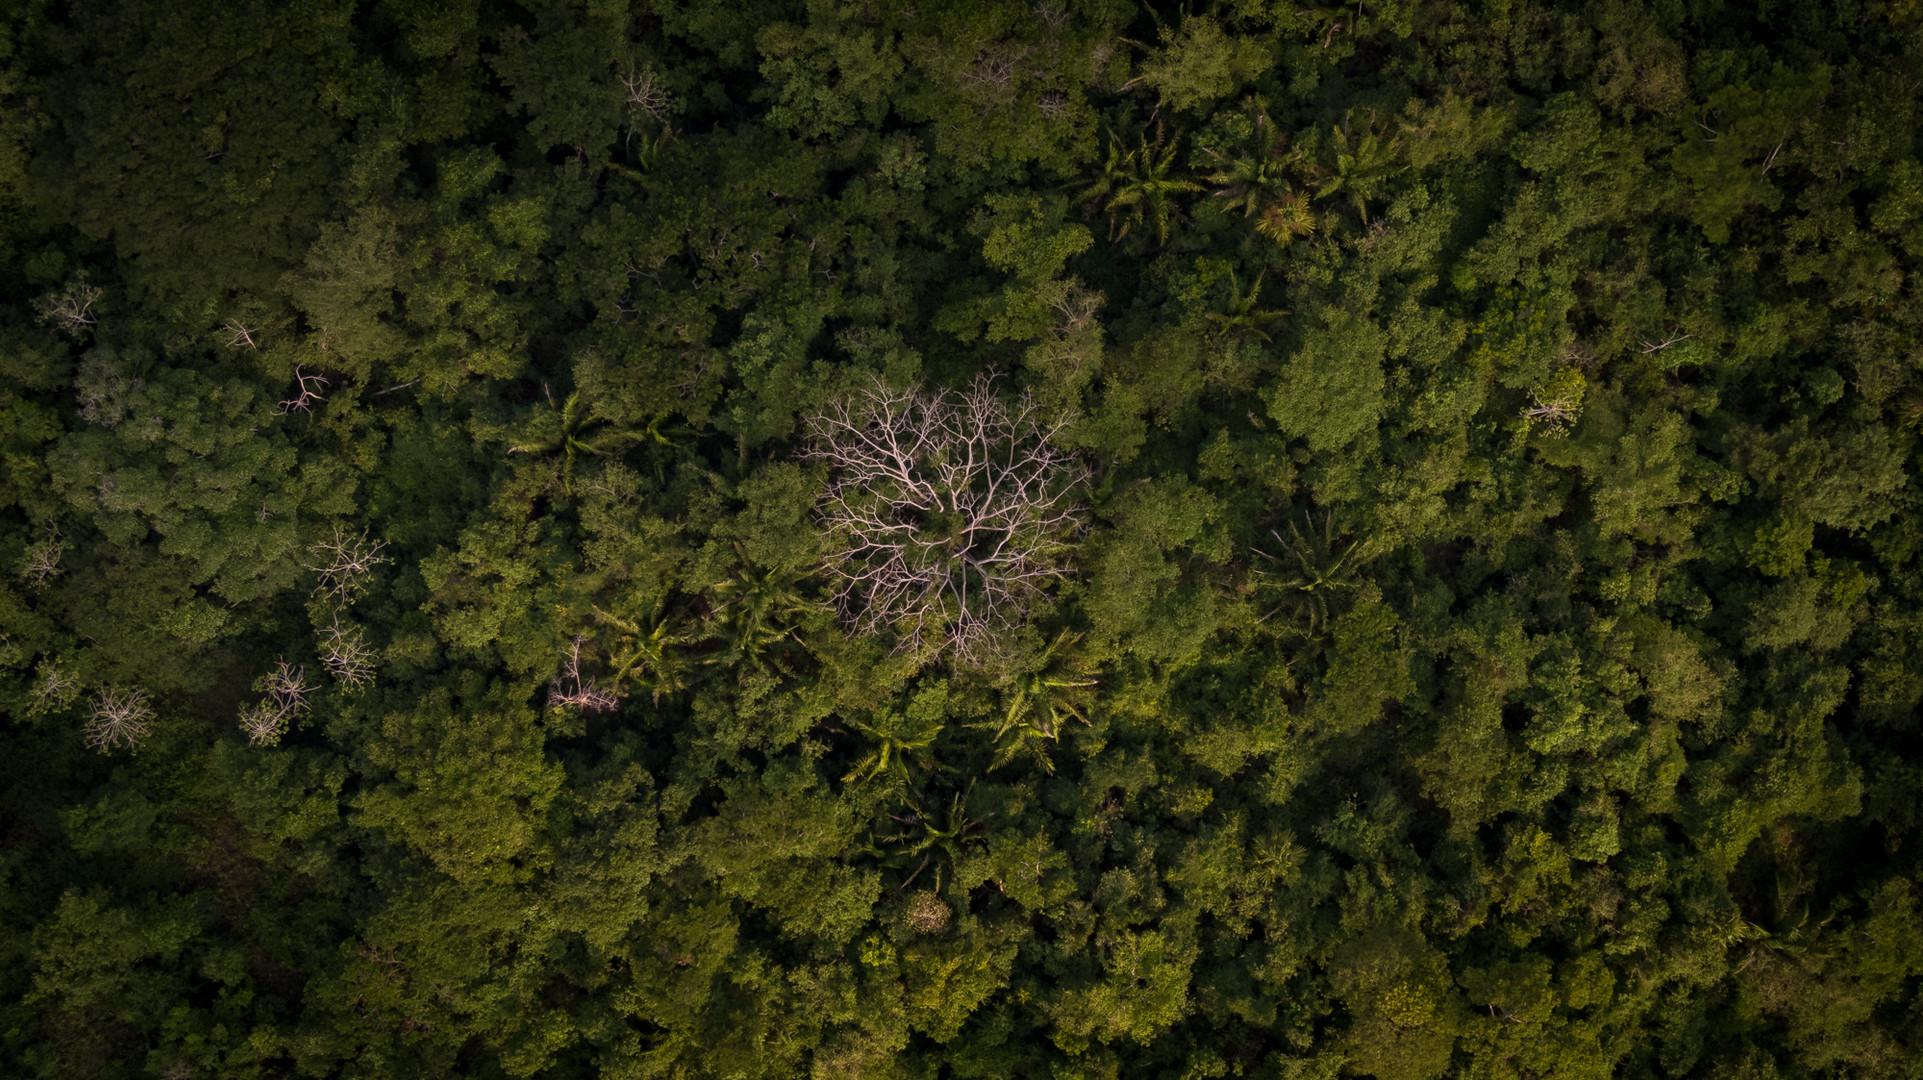 Bosque seco - Dibulla, Guajira, Colombia